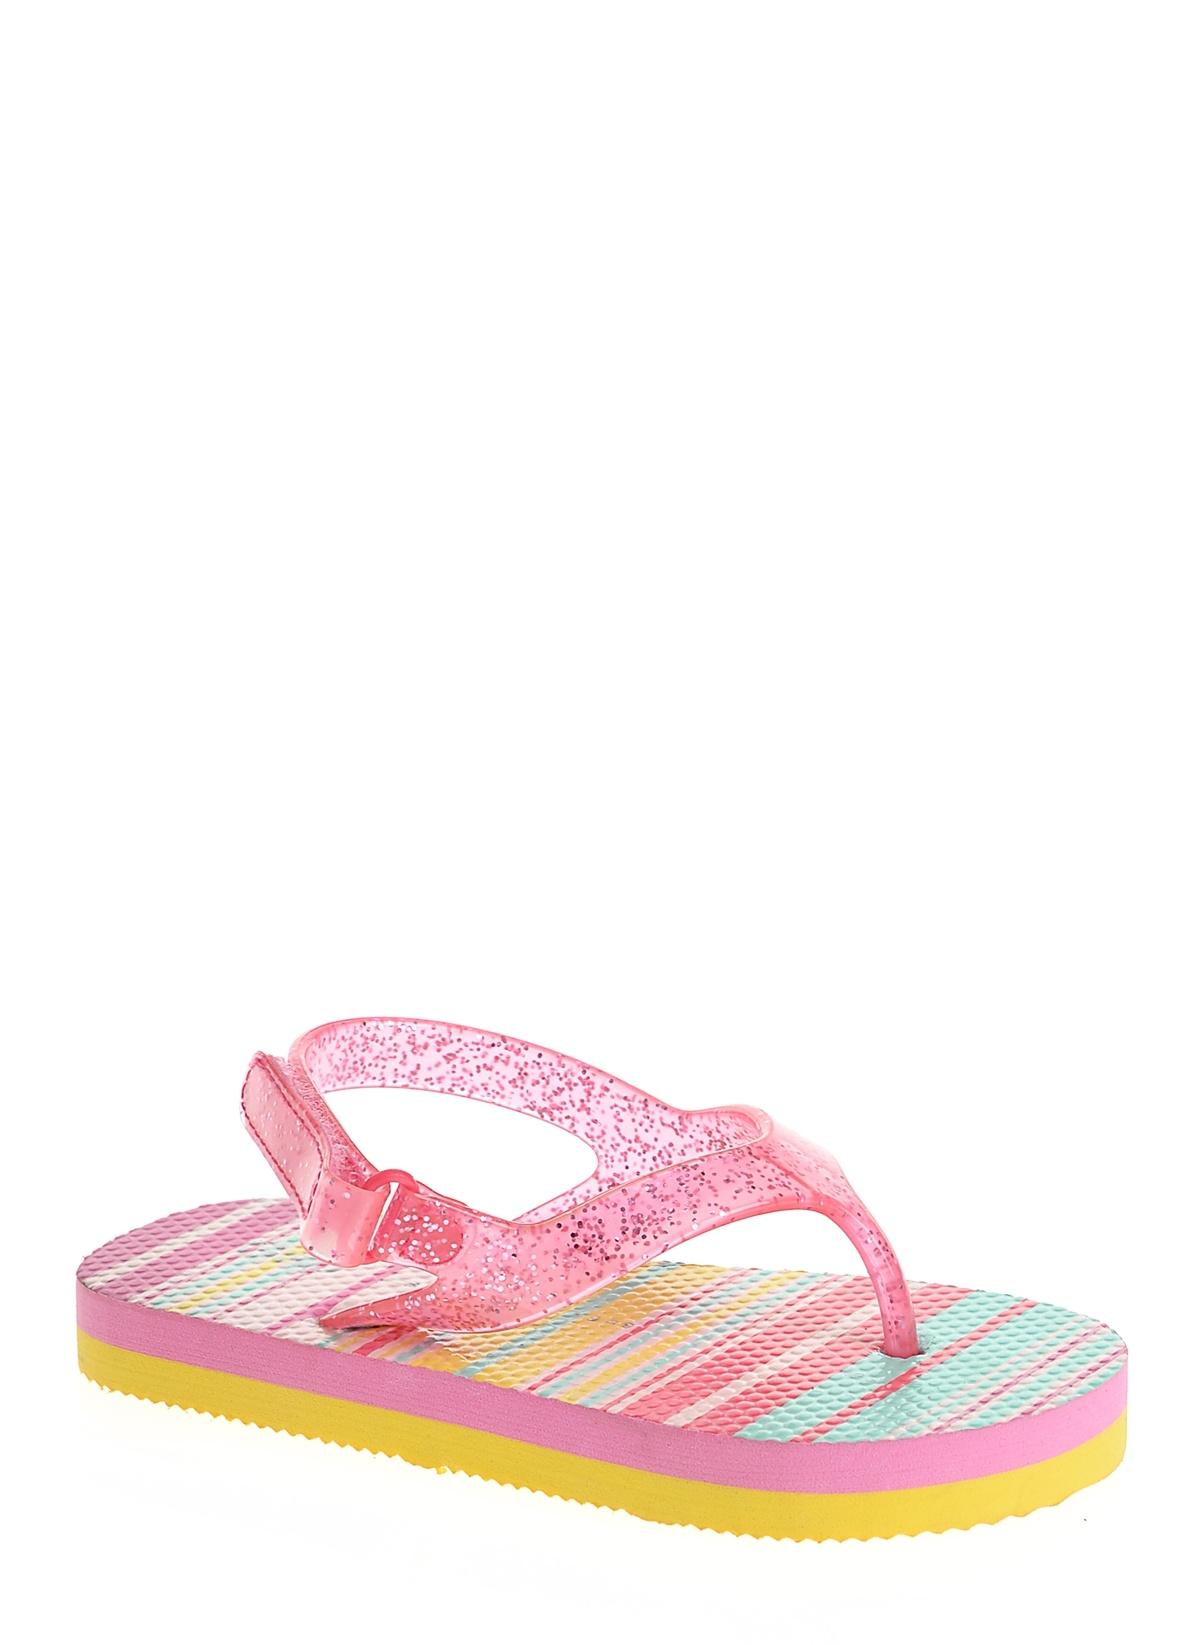 gap ayakkabı